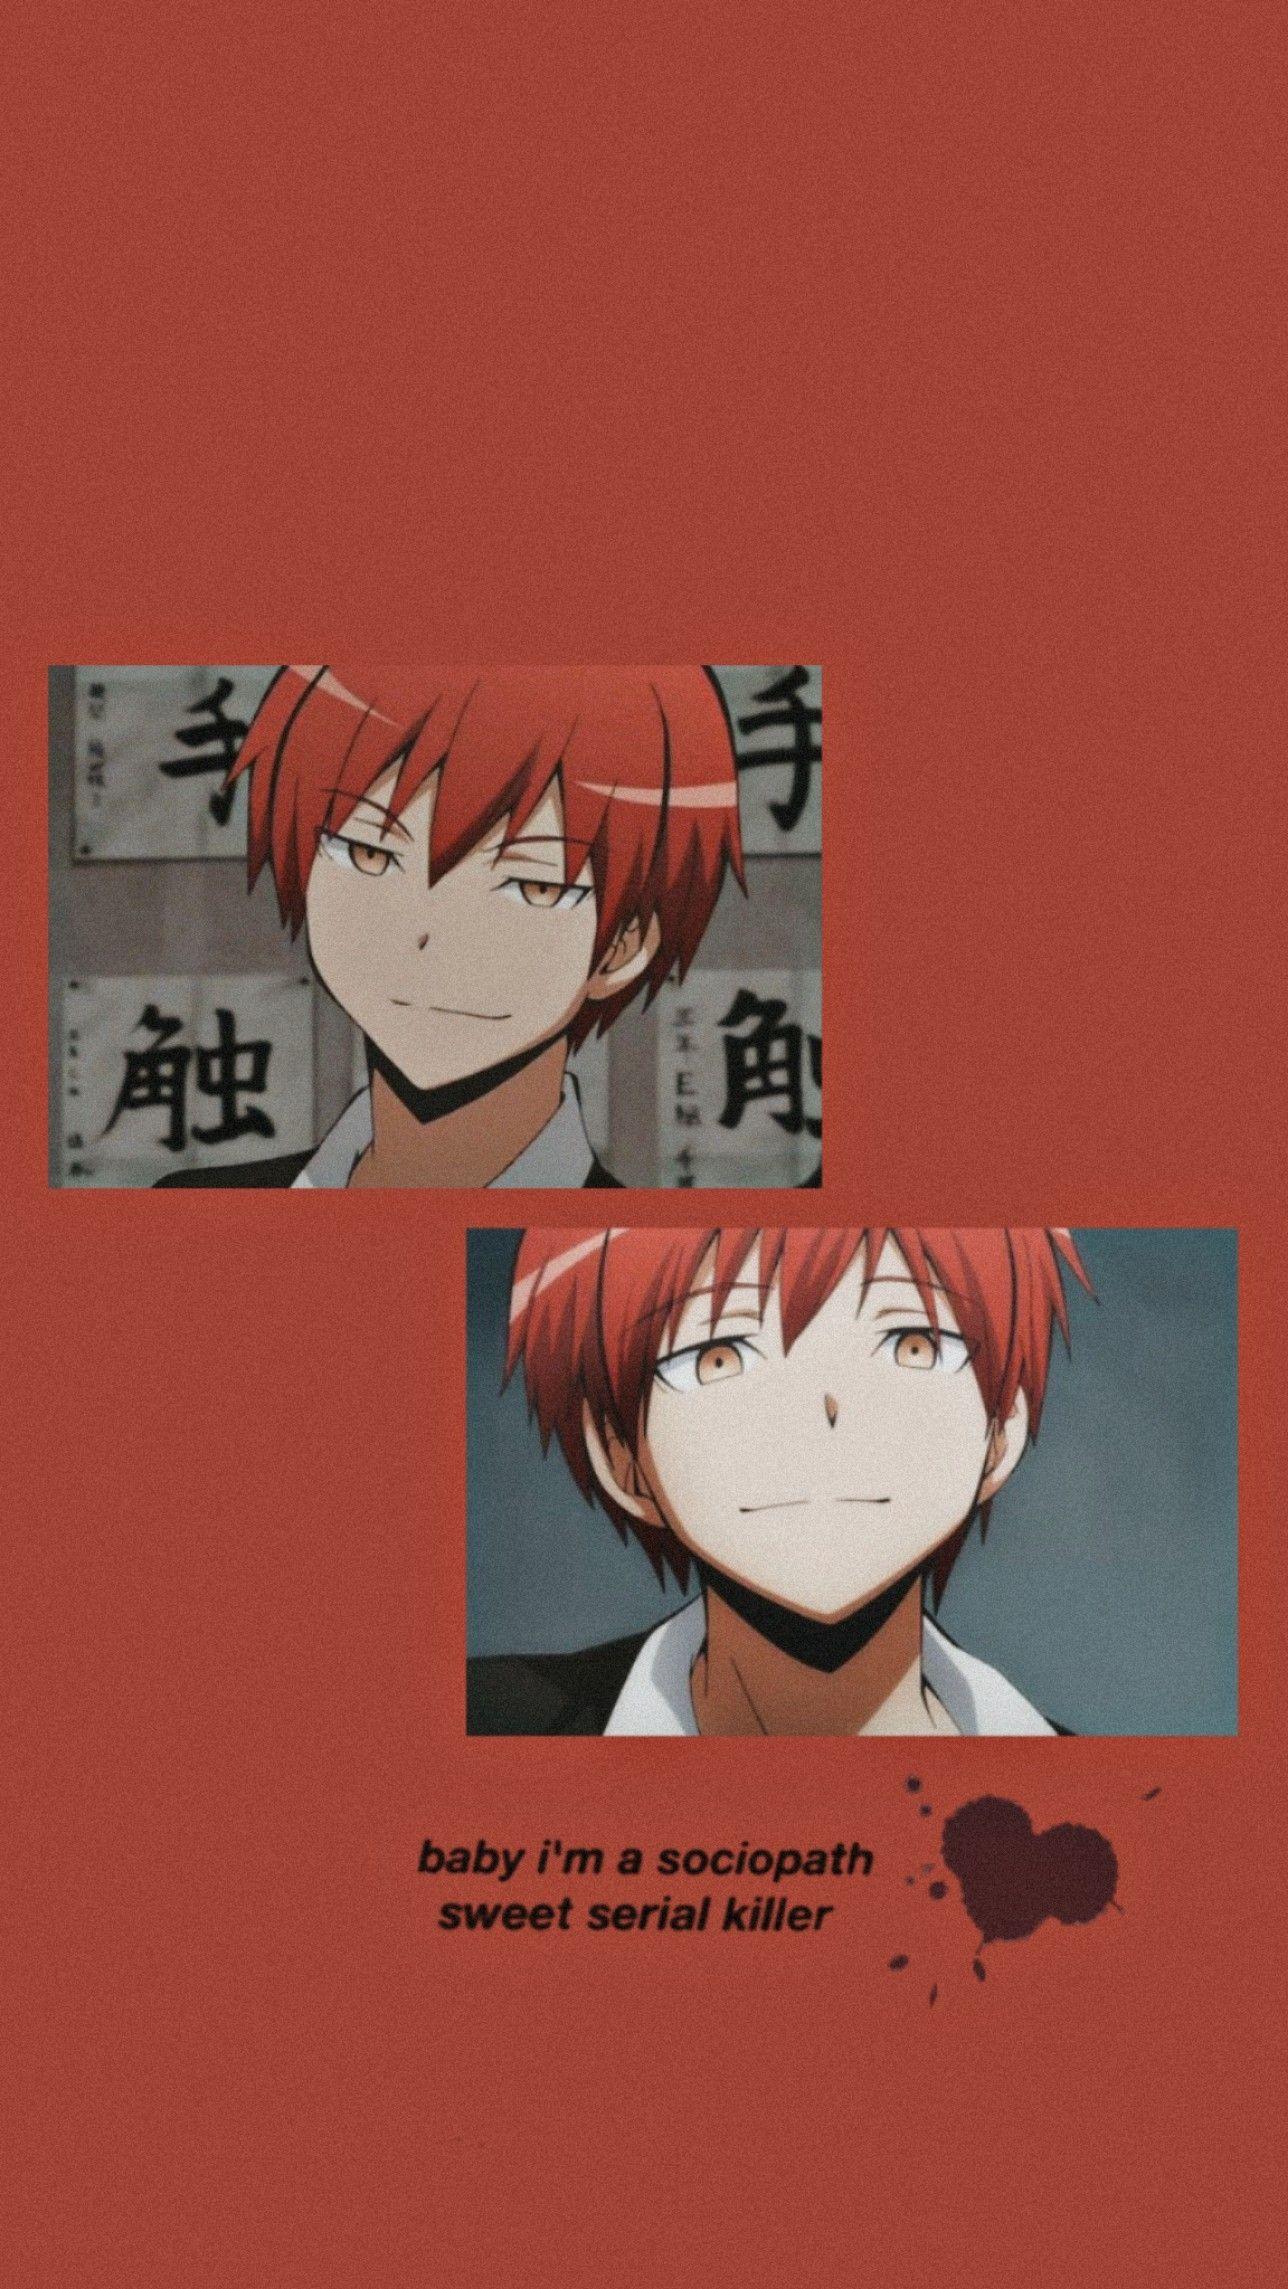 Karma Akabane Lockscreen In 2021 Anime Wallpaper Anime Wallpaper Phone Haikyuu Anime